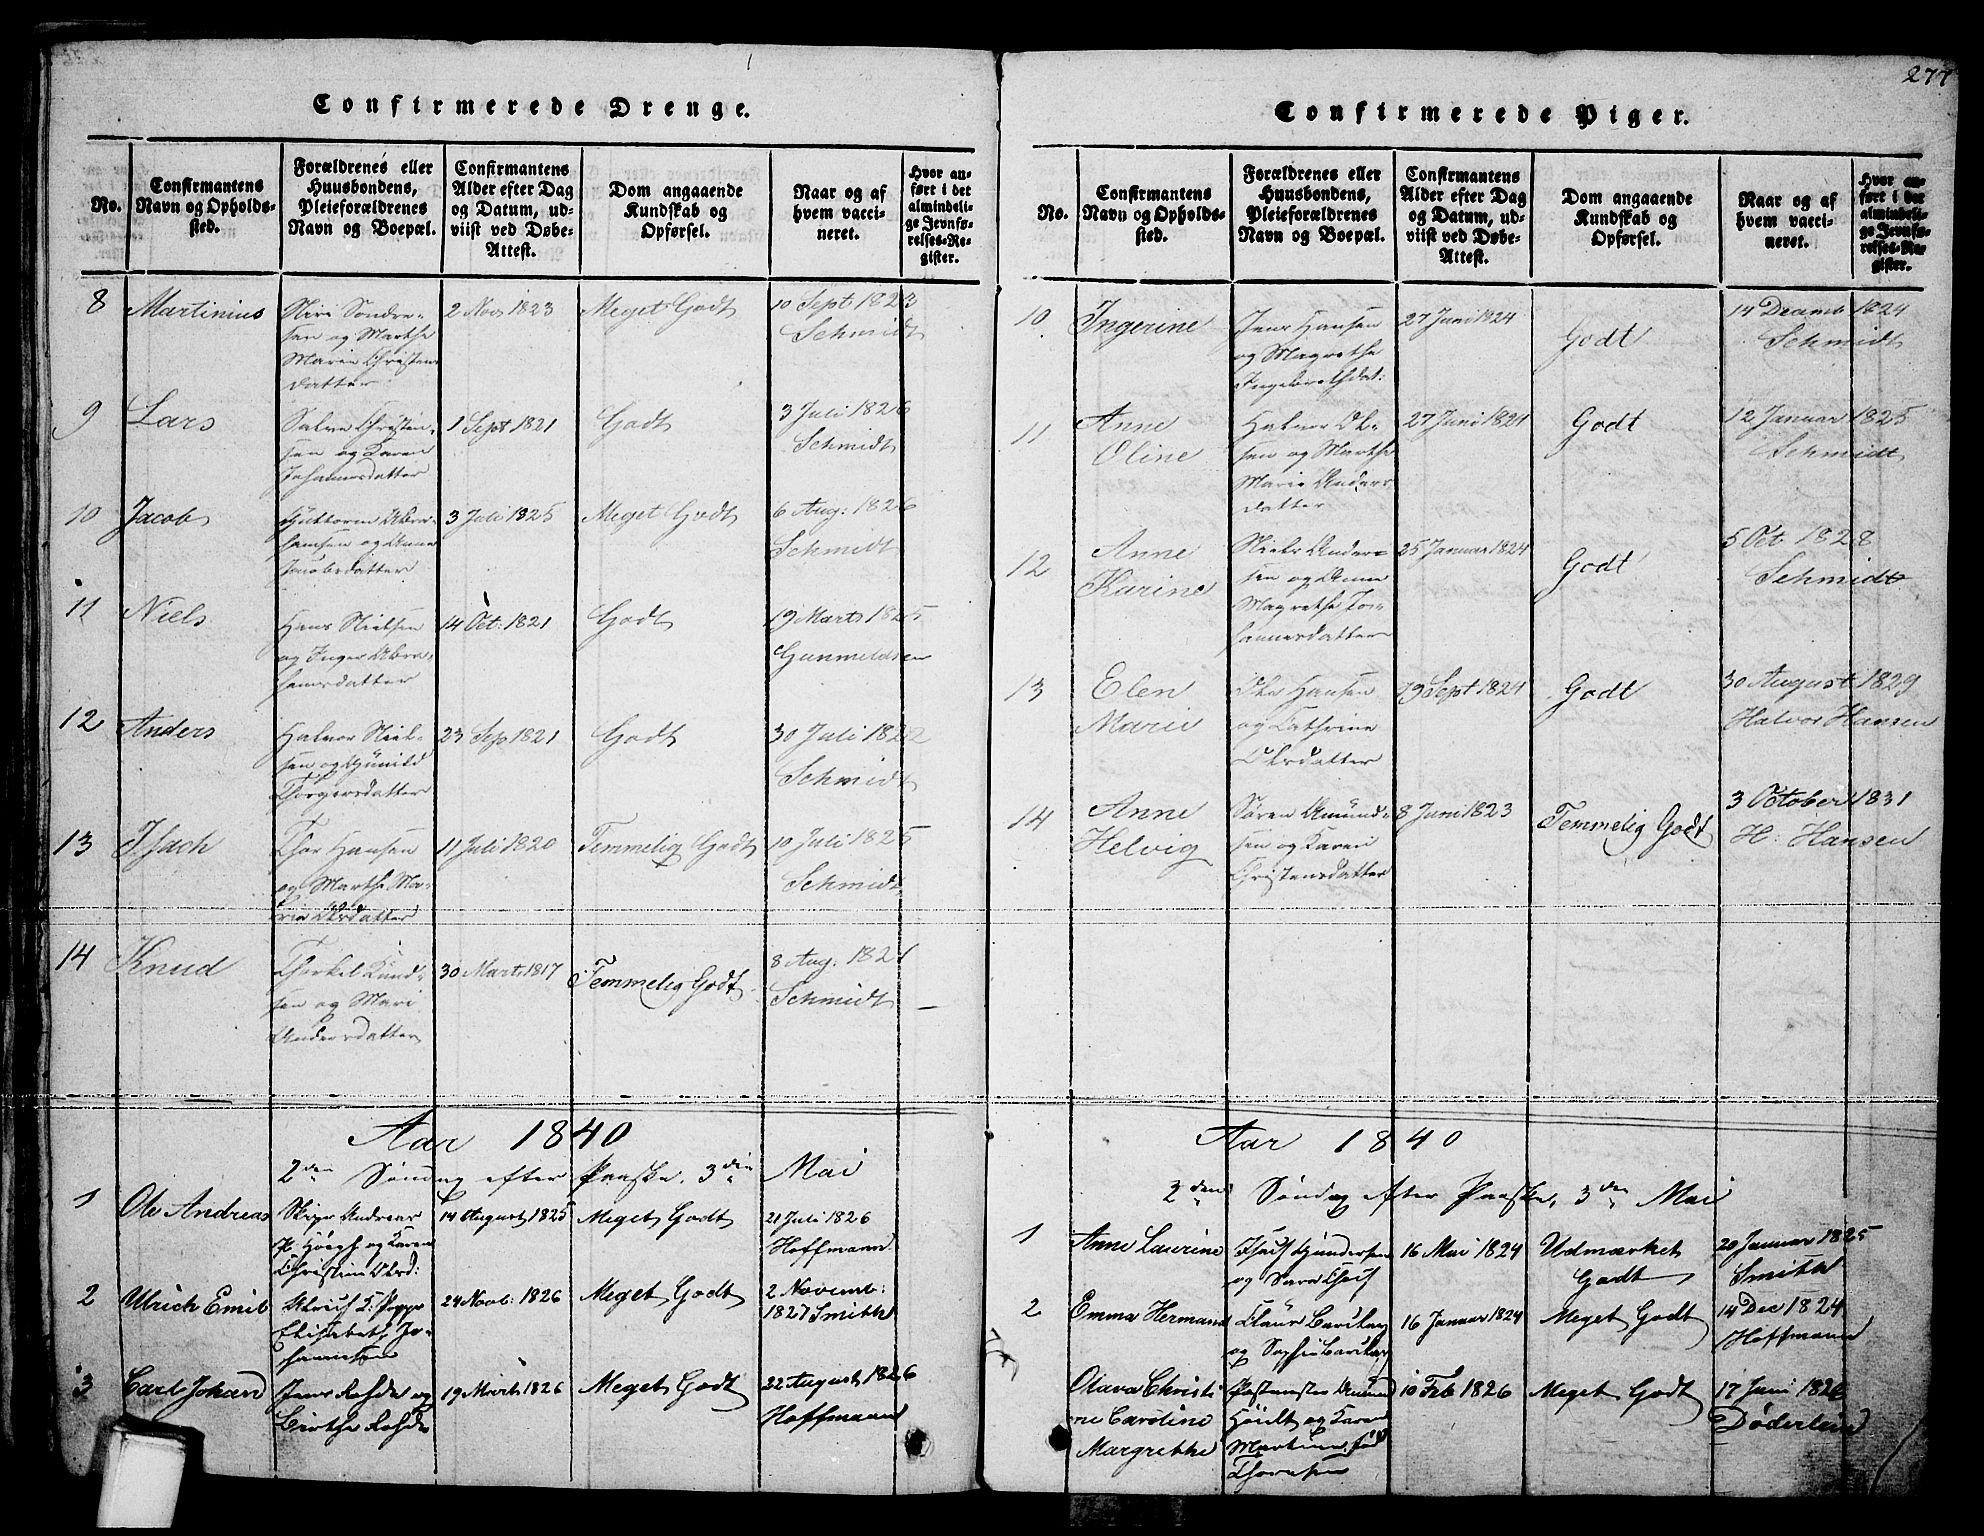 SAKO, Brevik kirkebøker, F/Fa/L0004: Ministerialbok nr. 4, 1814-1846, s. 277